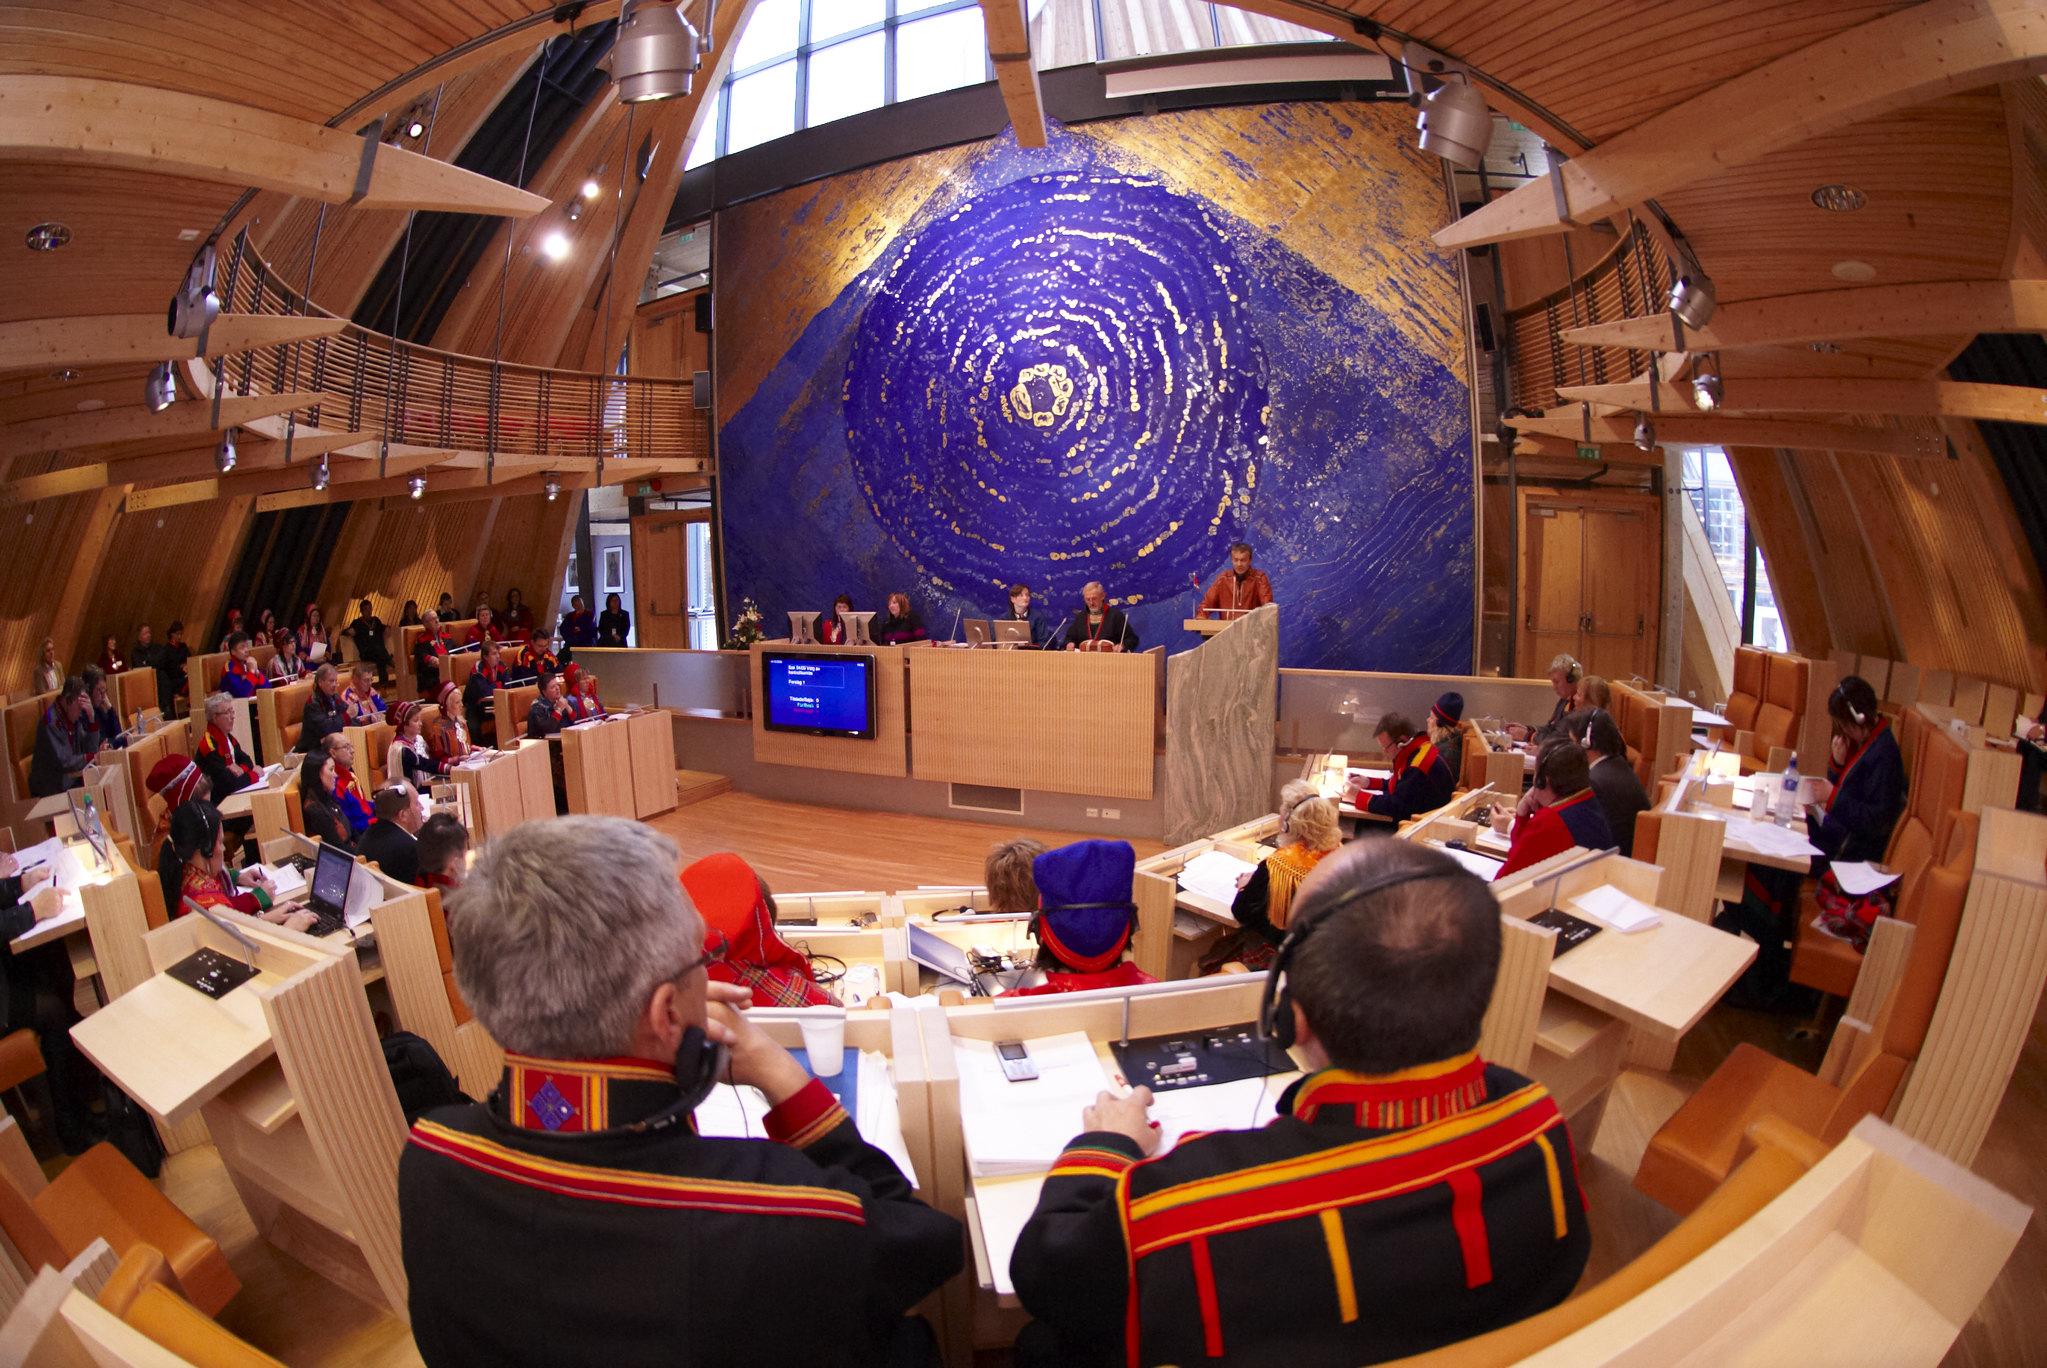 Sametingets plenumssal